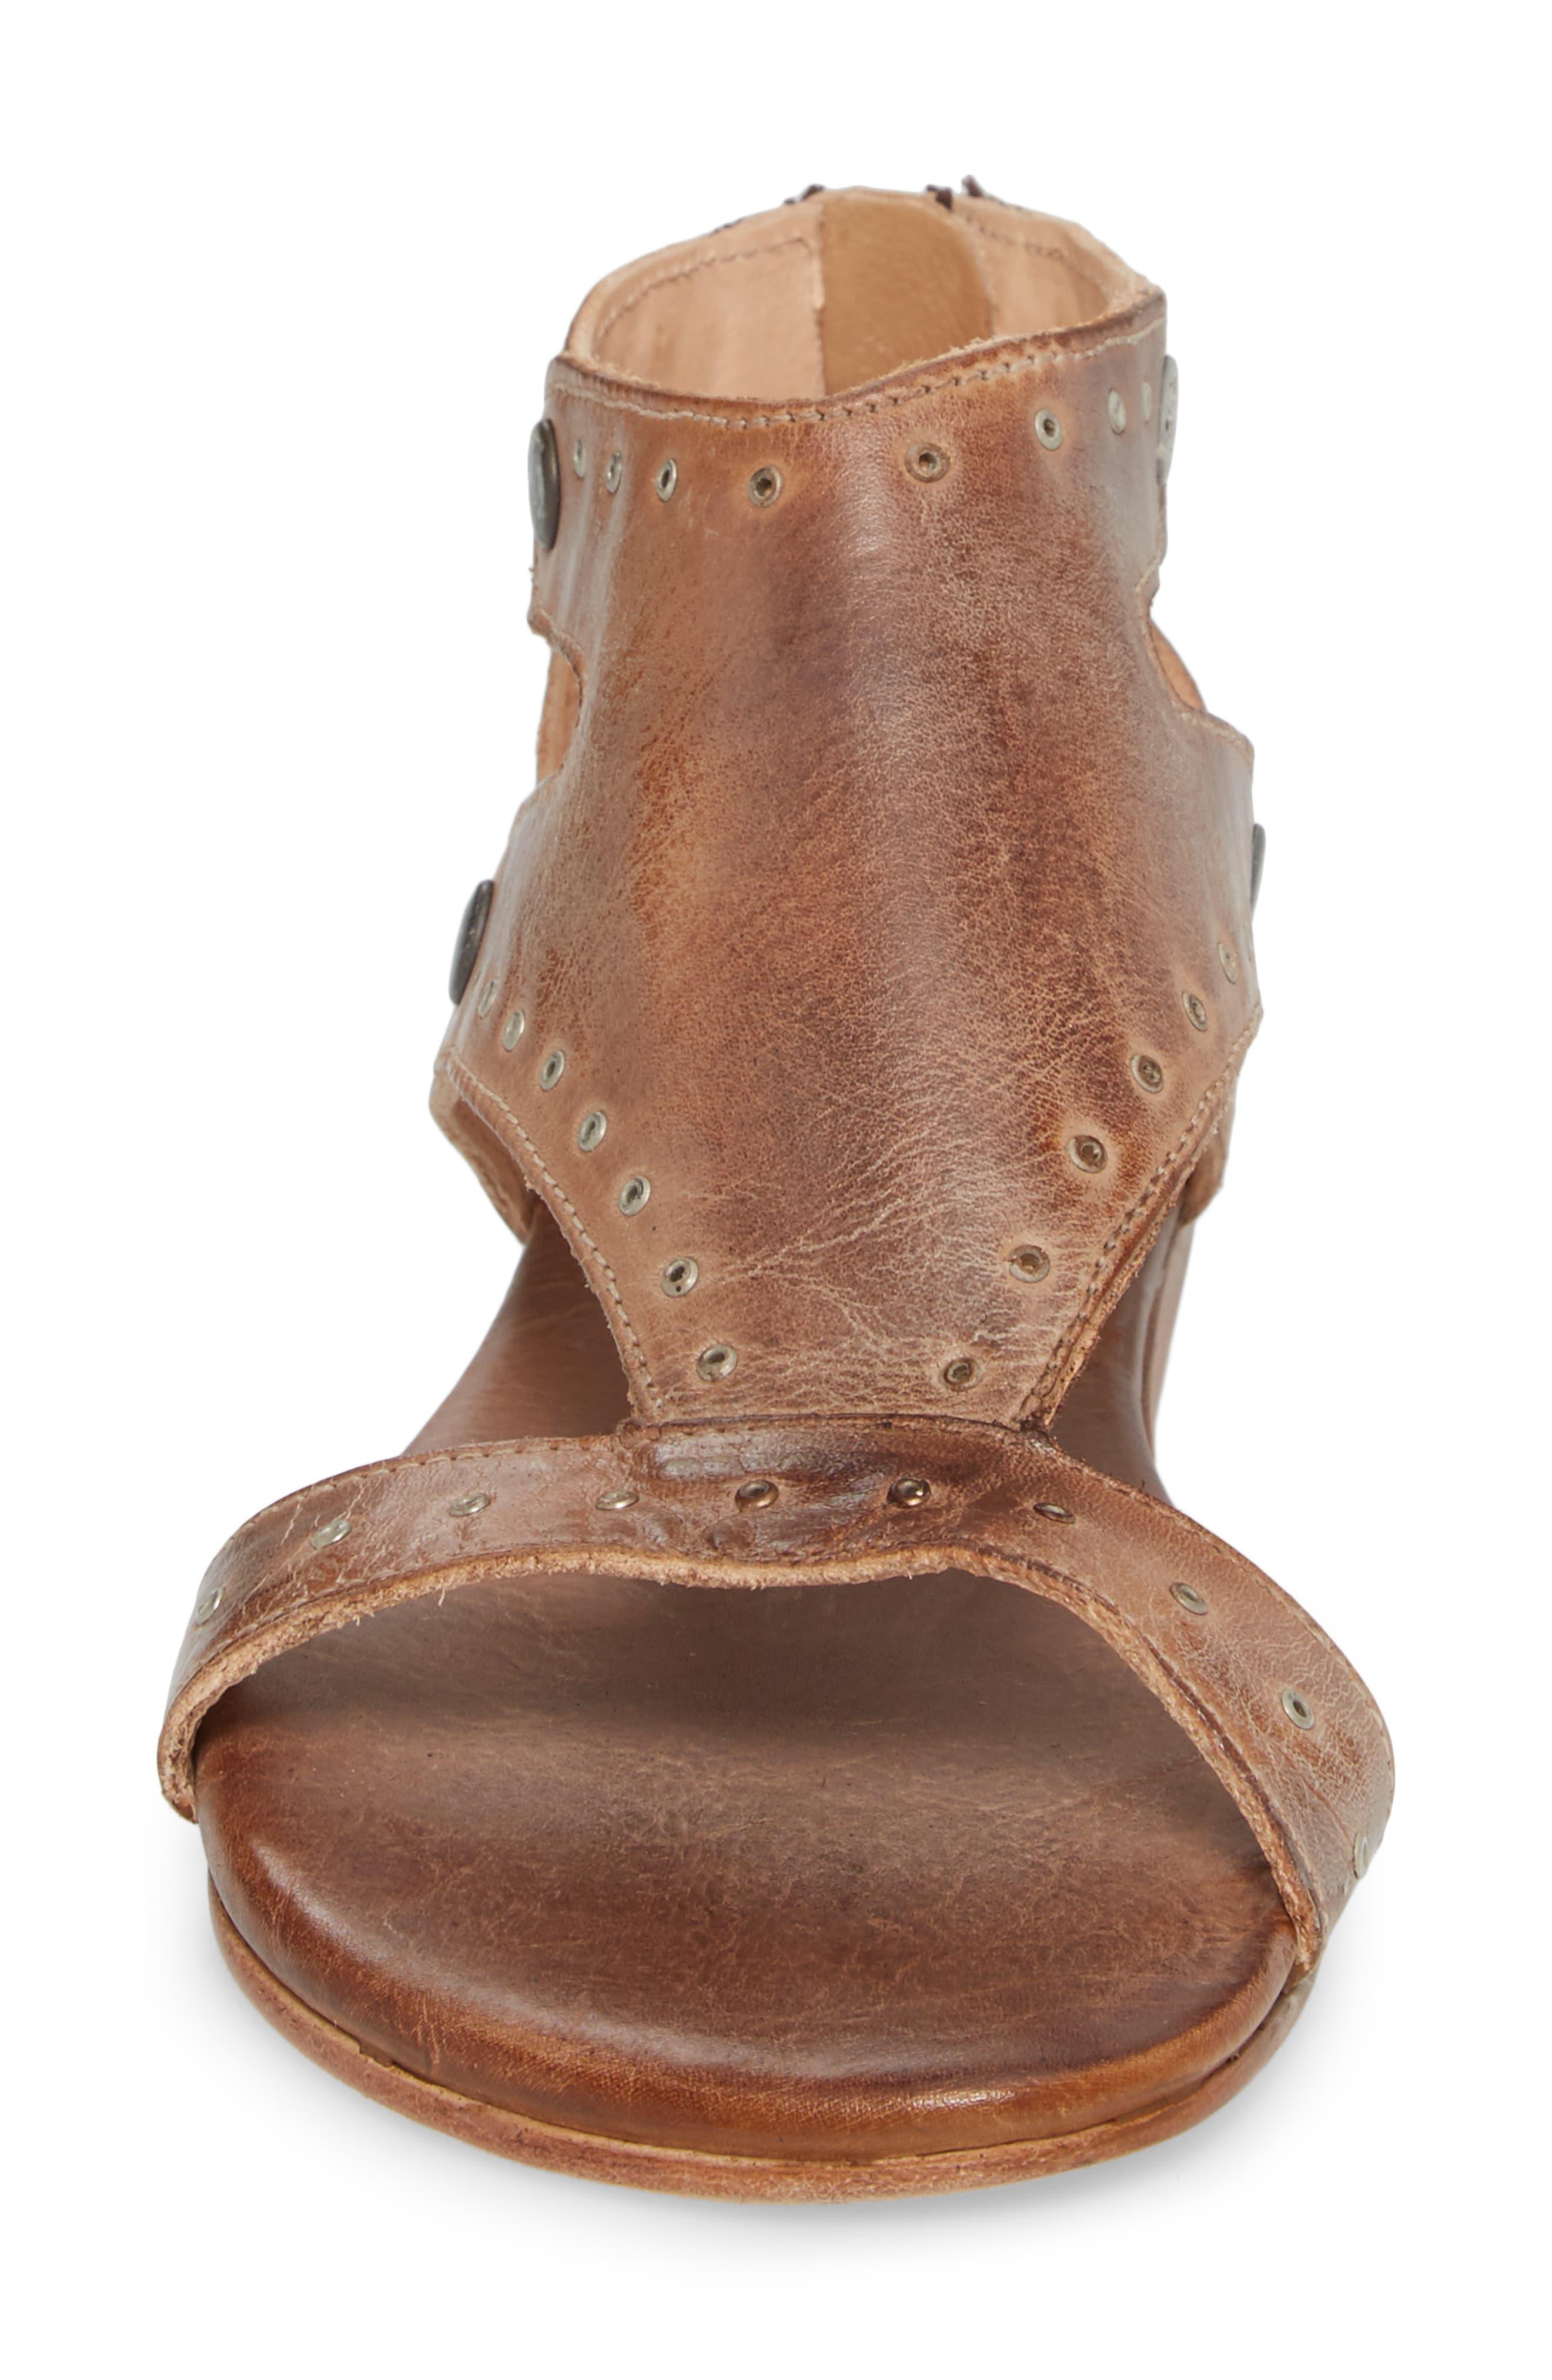 Soto G V-Strap Sandal,                             Alternate thumbnail 4, color,                             Tan Mason Leather